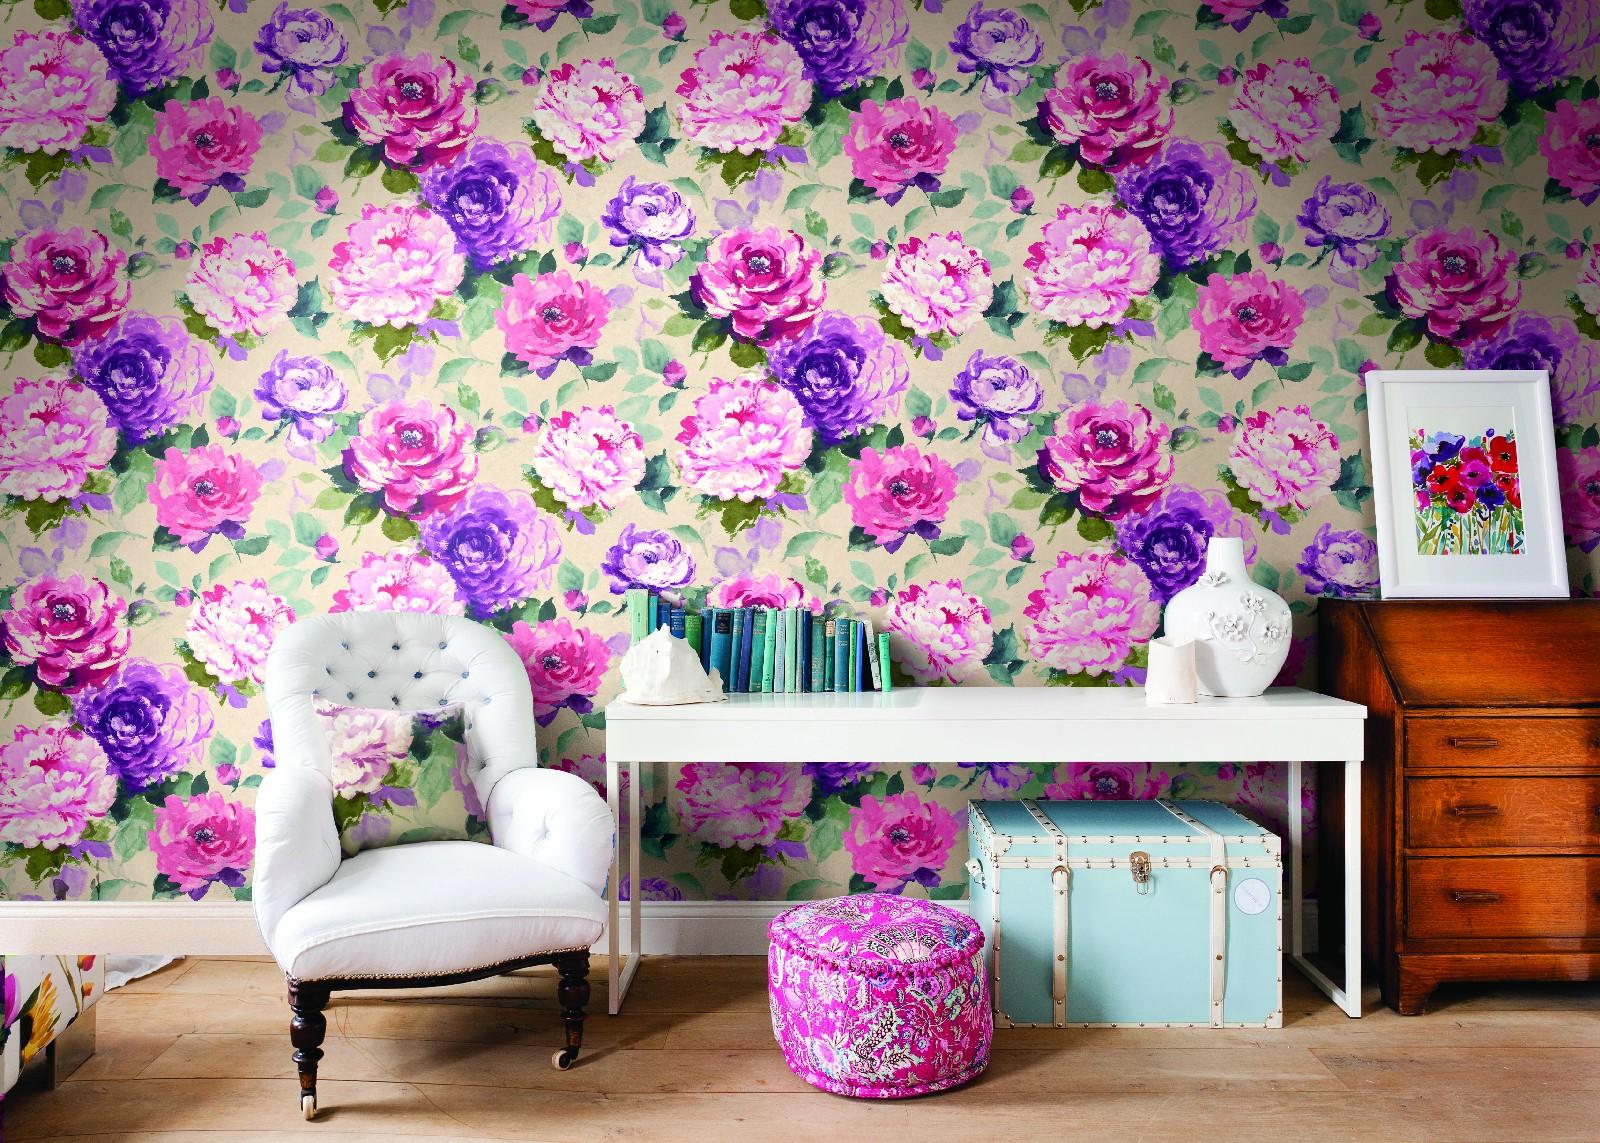 Обои с рисунком цветов в интерьере фото